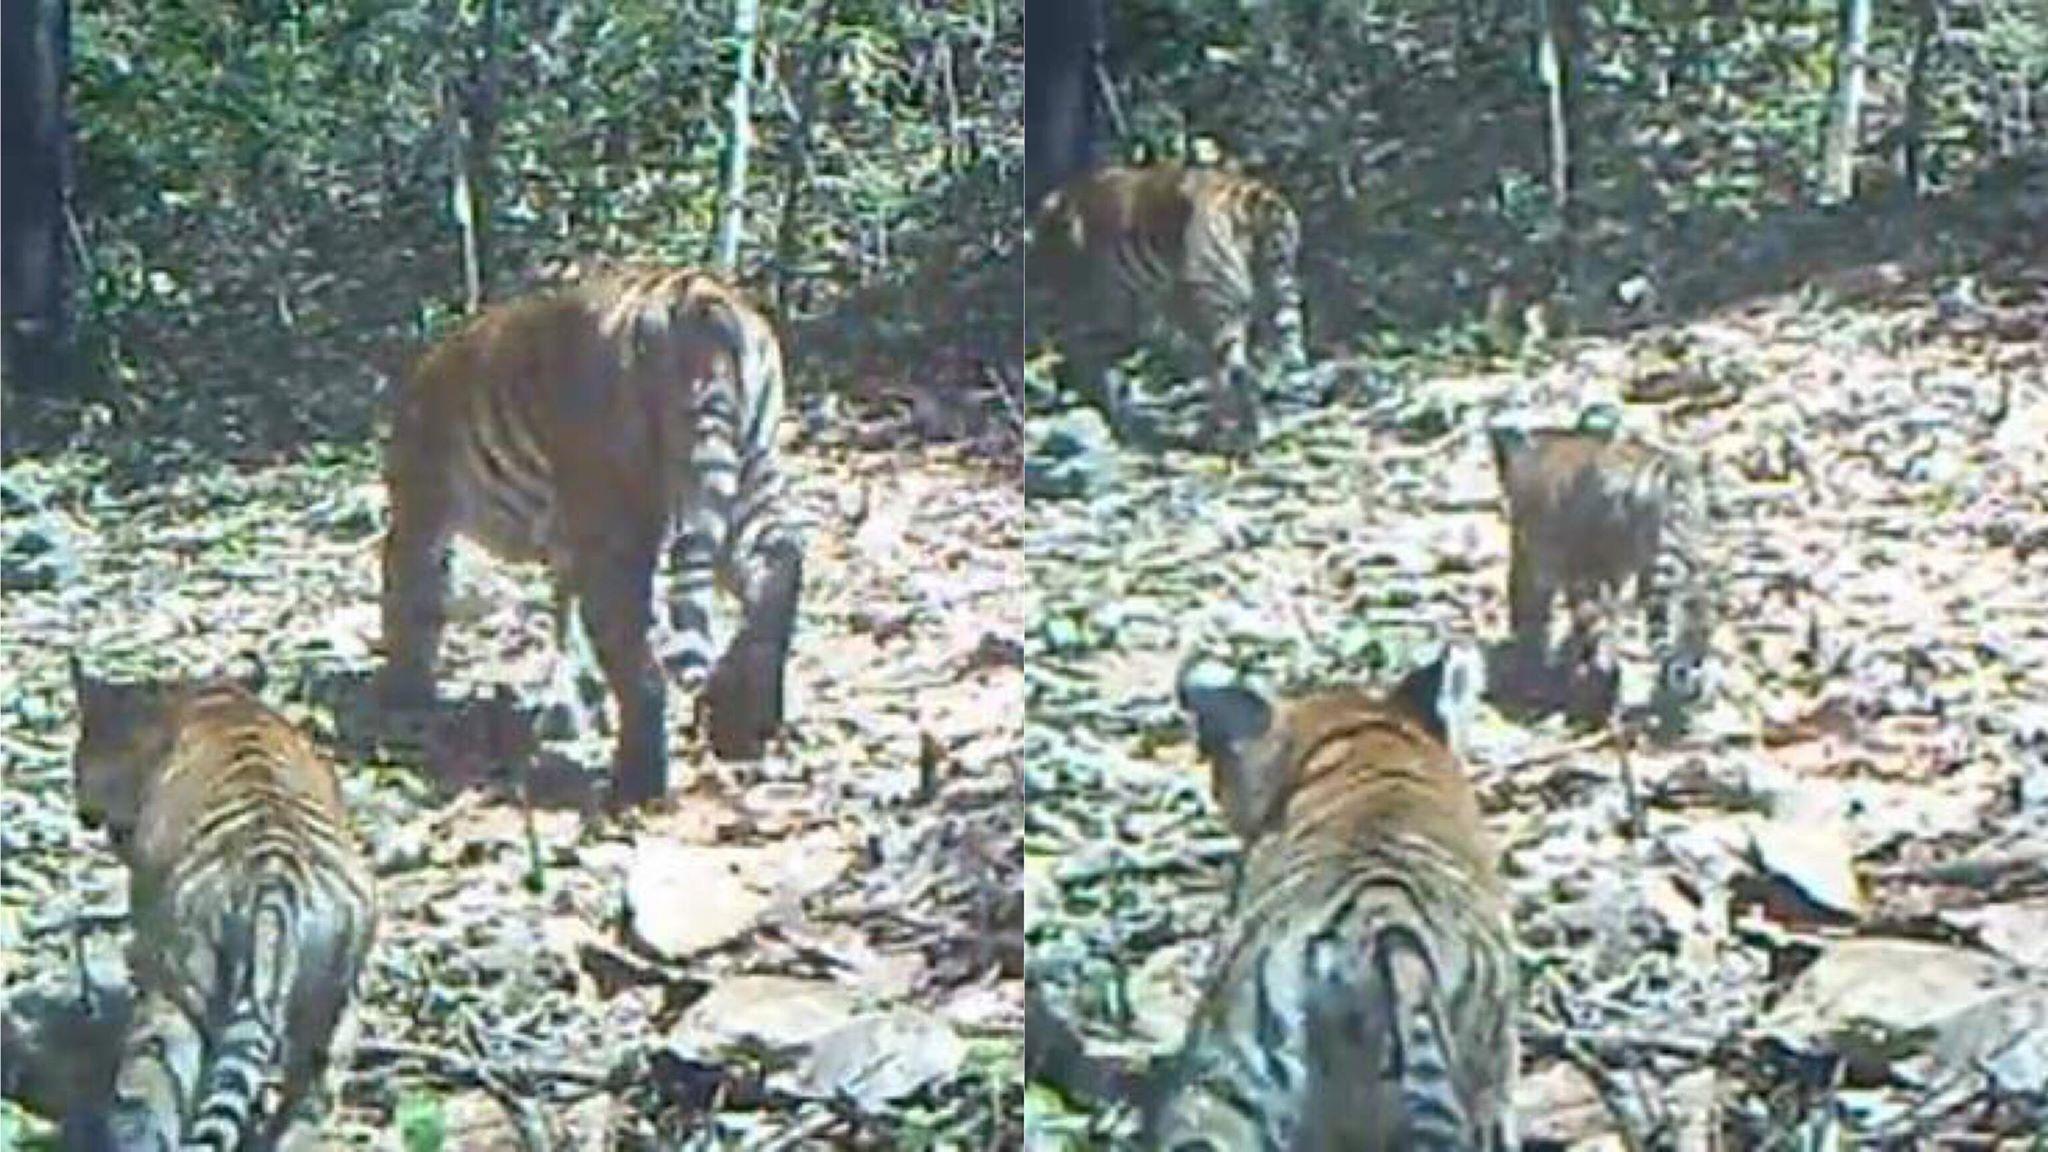 อุทยานฯ ปล่อยภาพแม่เสือโคร่งเดินนำหน้าลูกน้อย หวังปลุกจิตสำนึกการอนุรักษ์